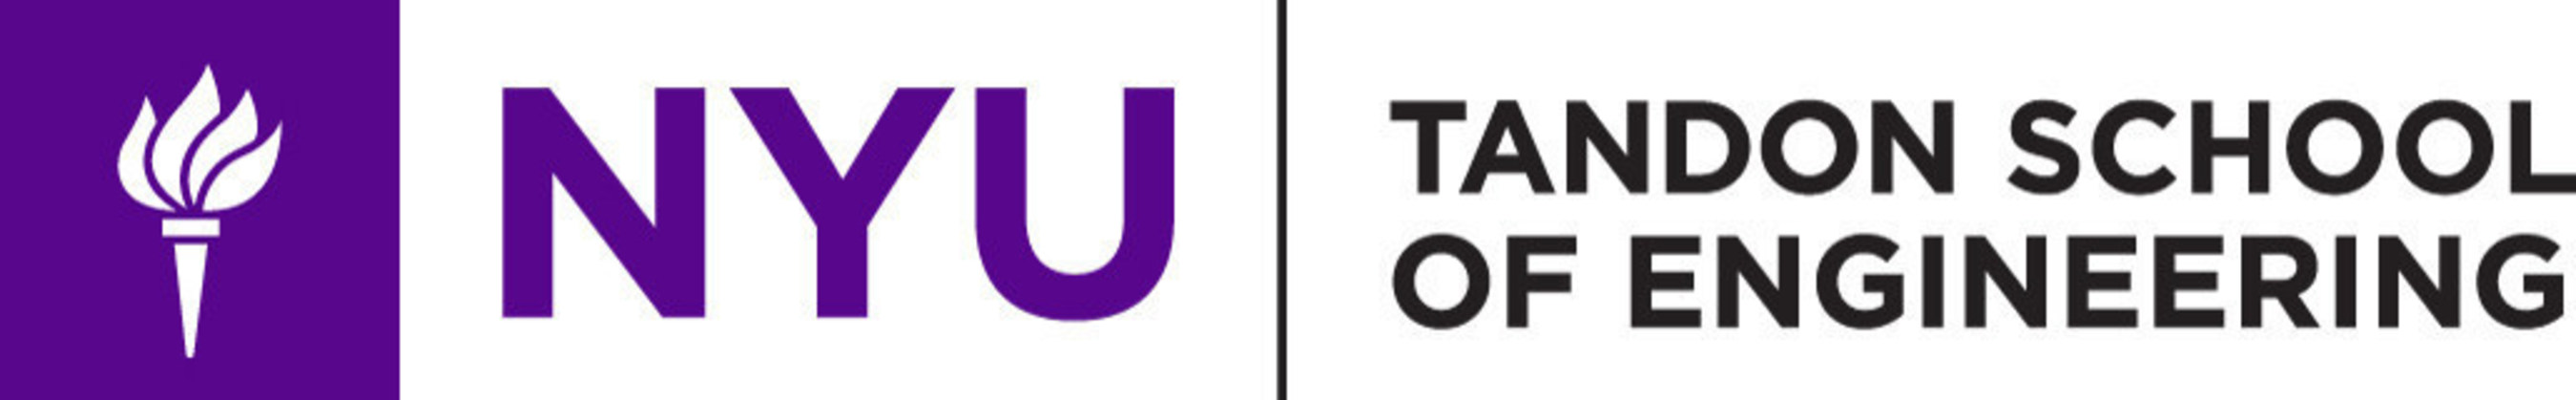 NYU Tandon School of Engineering Logo